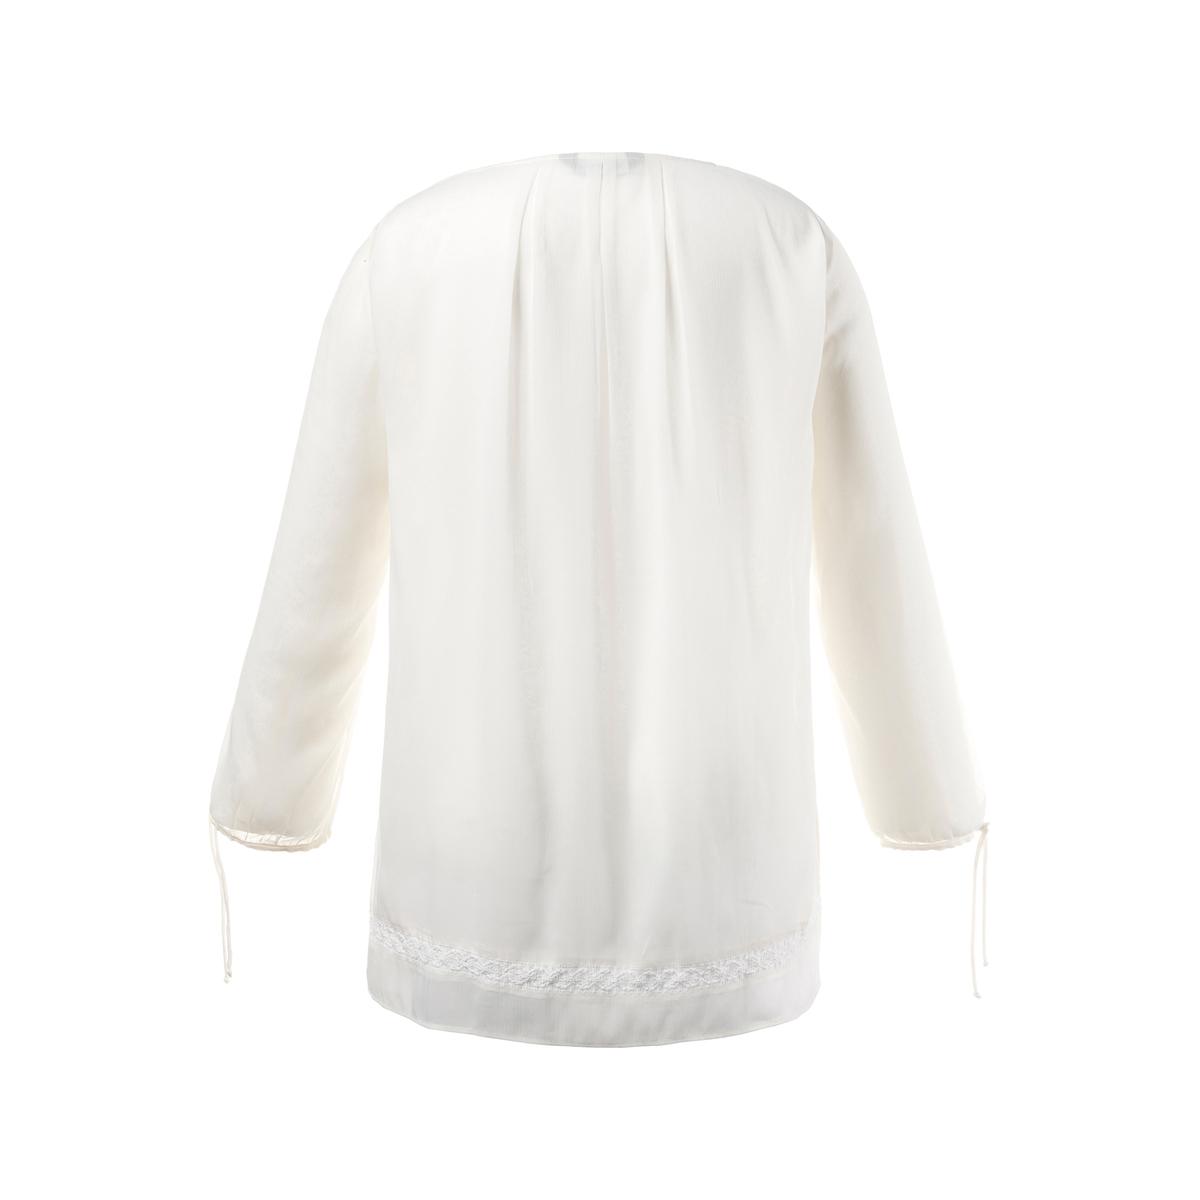 БлузкаБлузка - ULLA POPKEN. 100% полиэстер. Блузка из вуали с тонкой текстурой, на непрозрачной основе и с топом из джерси . Кружевная вставка спереди и снизу . Свободный покрой, рукава с завязками снизу . Длина в зависимости от размера ок. 74 - 84 см .<br><br>Цвет: экрю<br>Размер: 44/46 (FR) - 50/52 (RUS).52/54 (FR) - 58/60 (RUS)